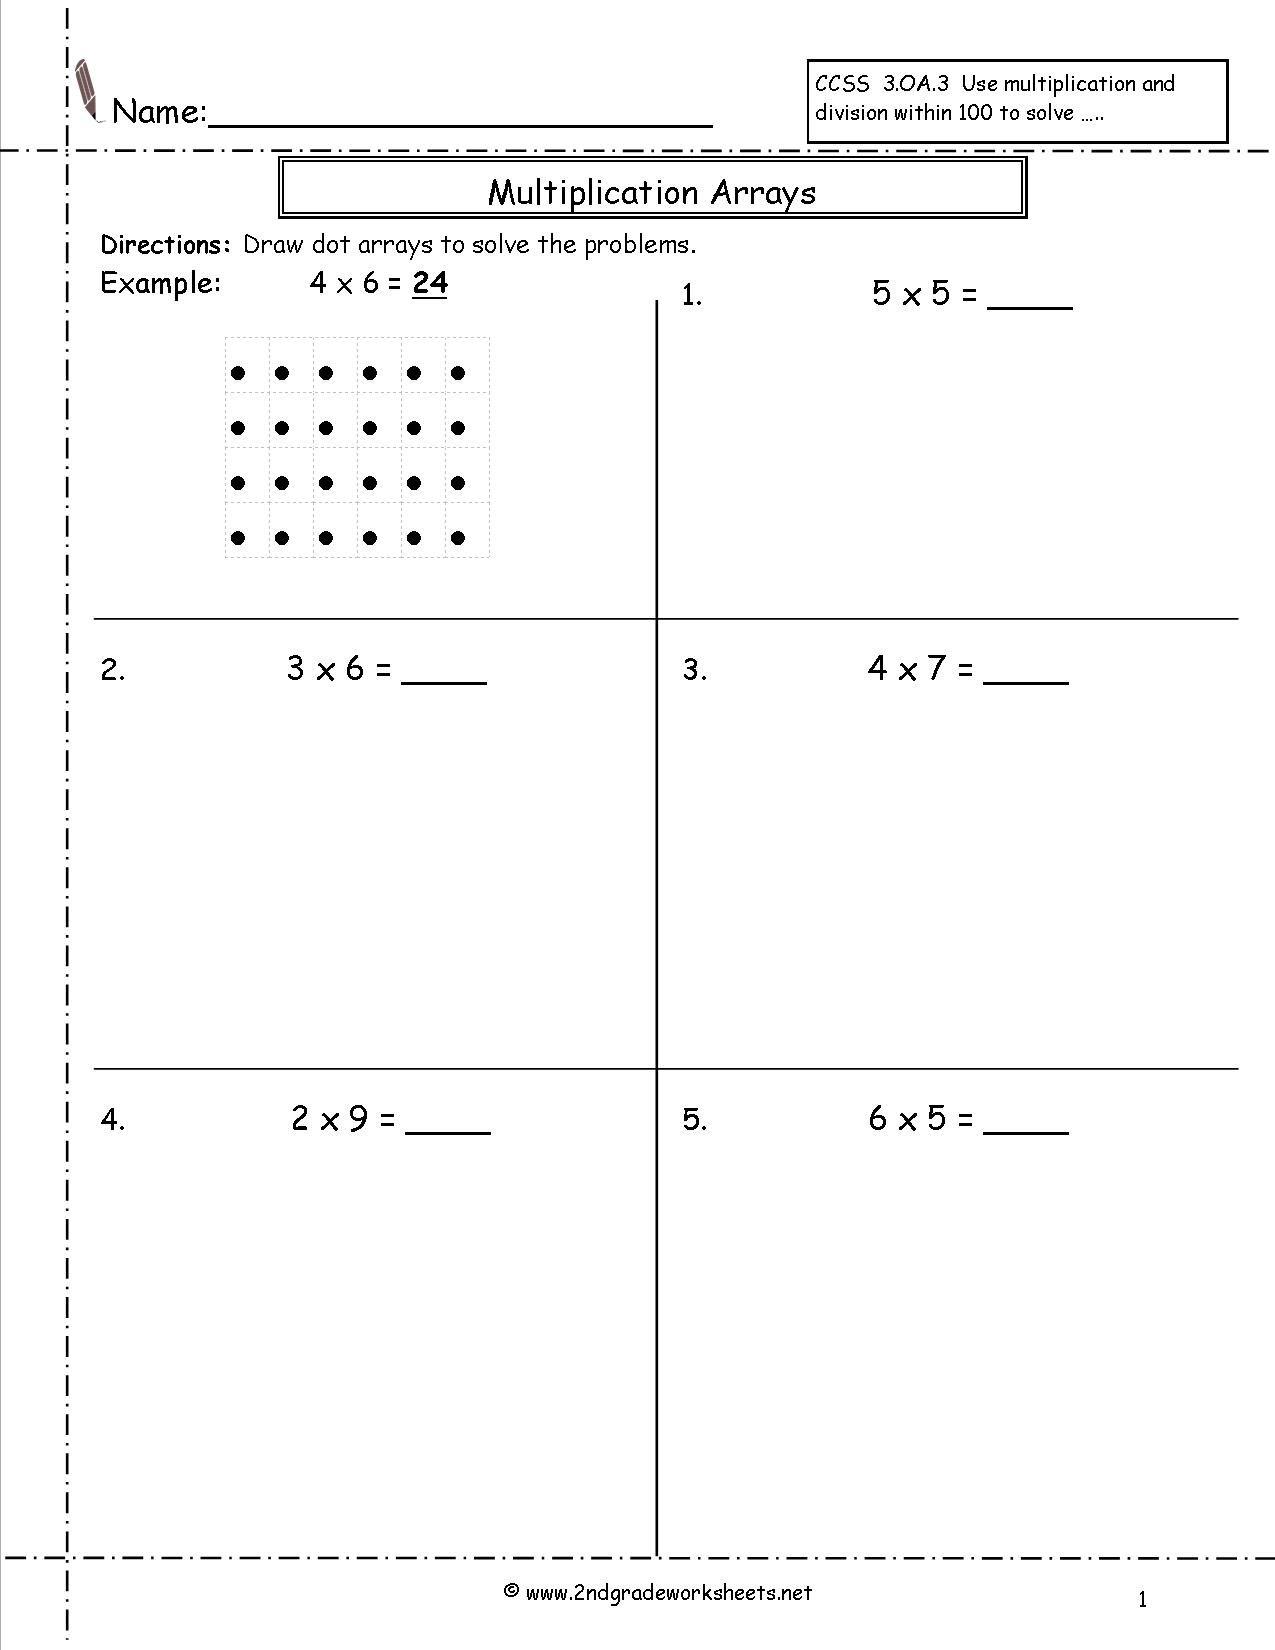 Multiplication Array Worksheets